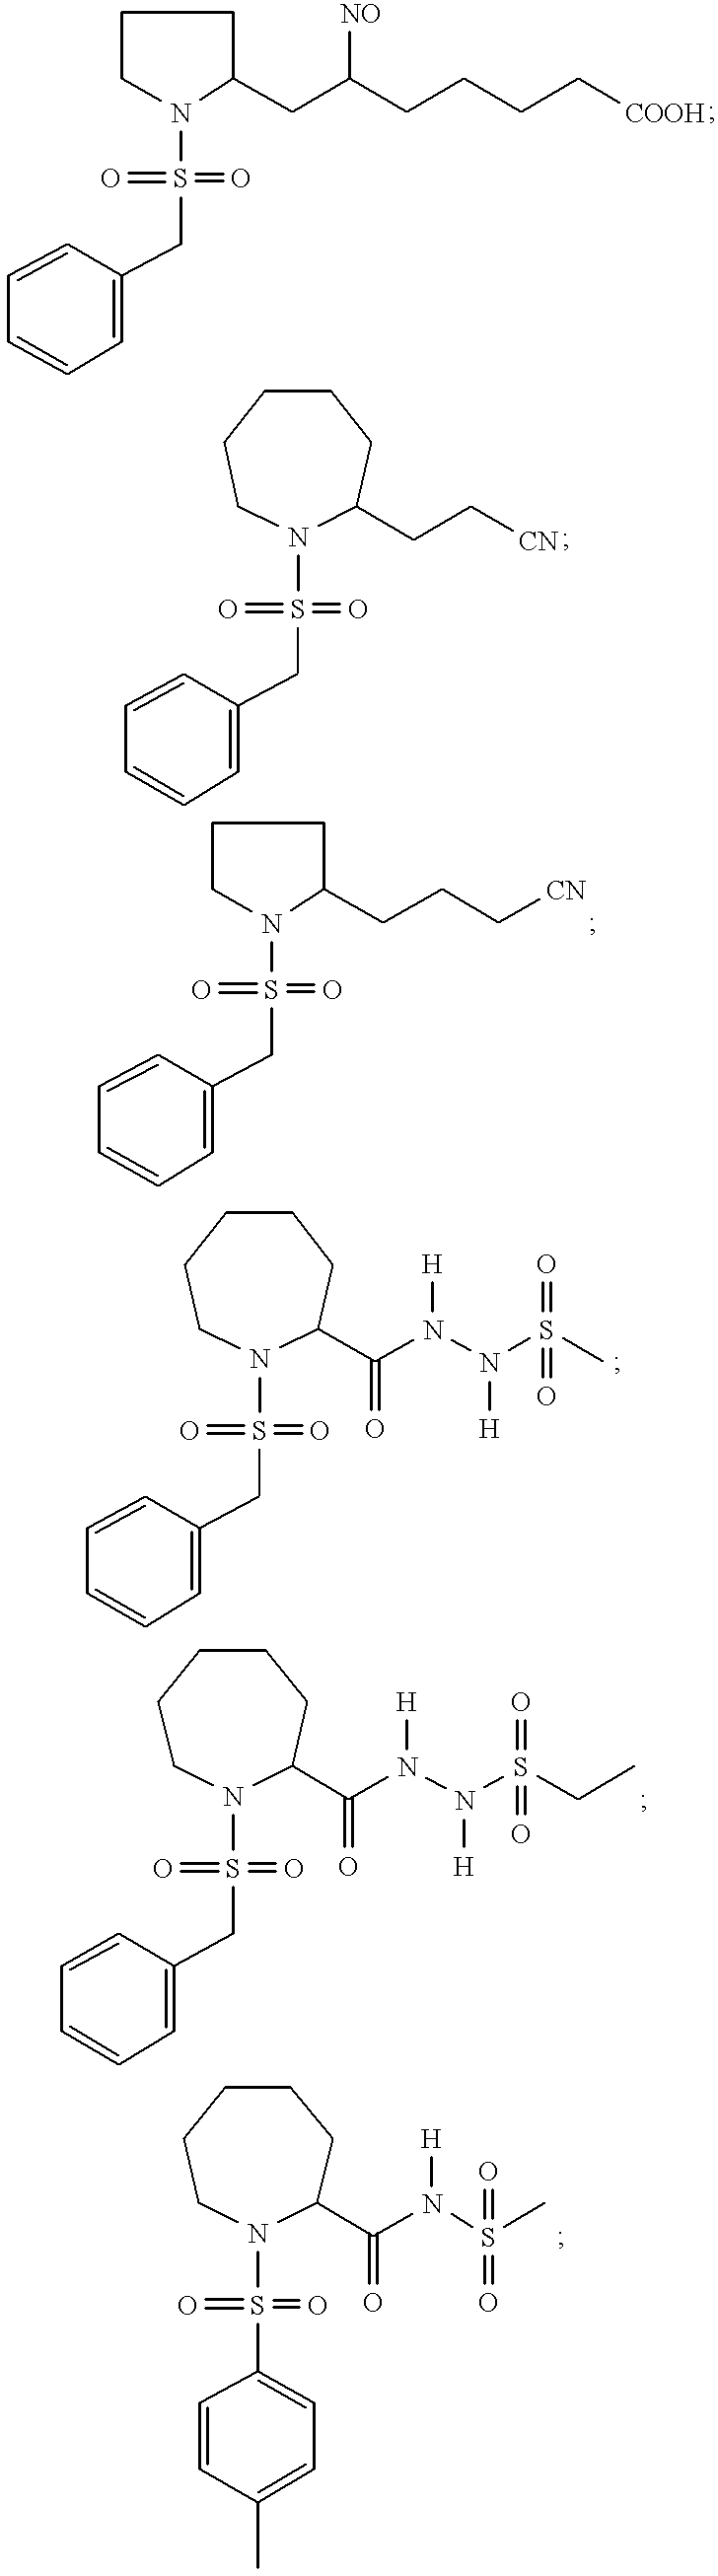 Figure US06339101-20020115-C00050